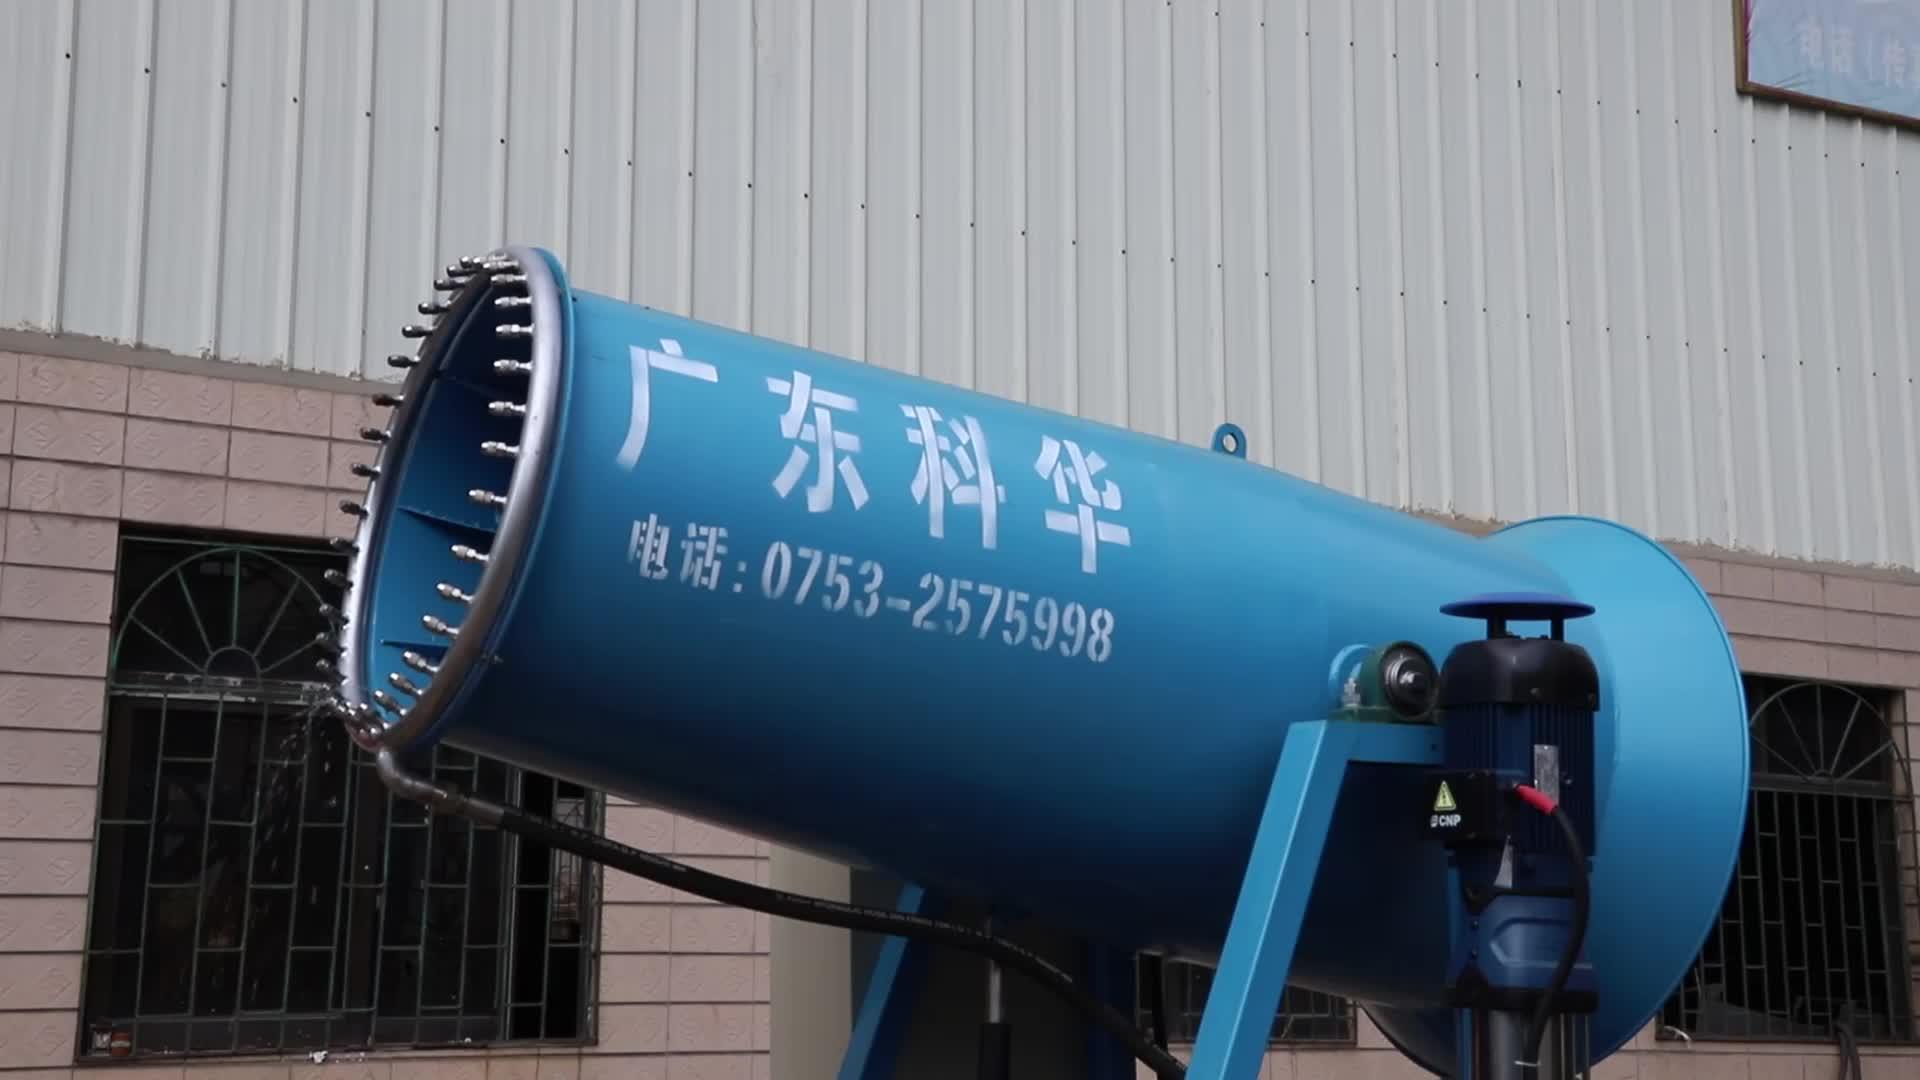 21kw 60mtr स्प्रे रेंज थर्मल fogger/थर्मल फॉगिंग मशीन कृषि कीट नियंत्रण के लिए